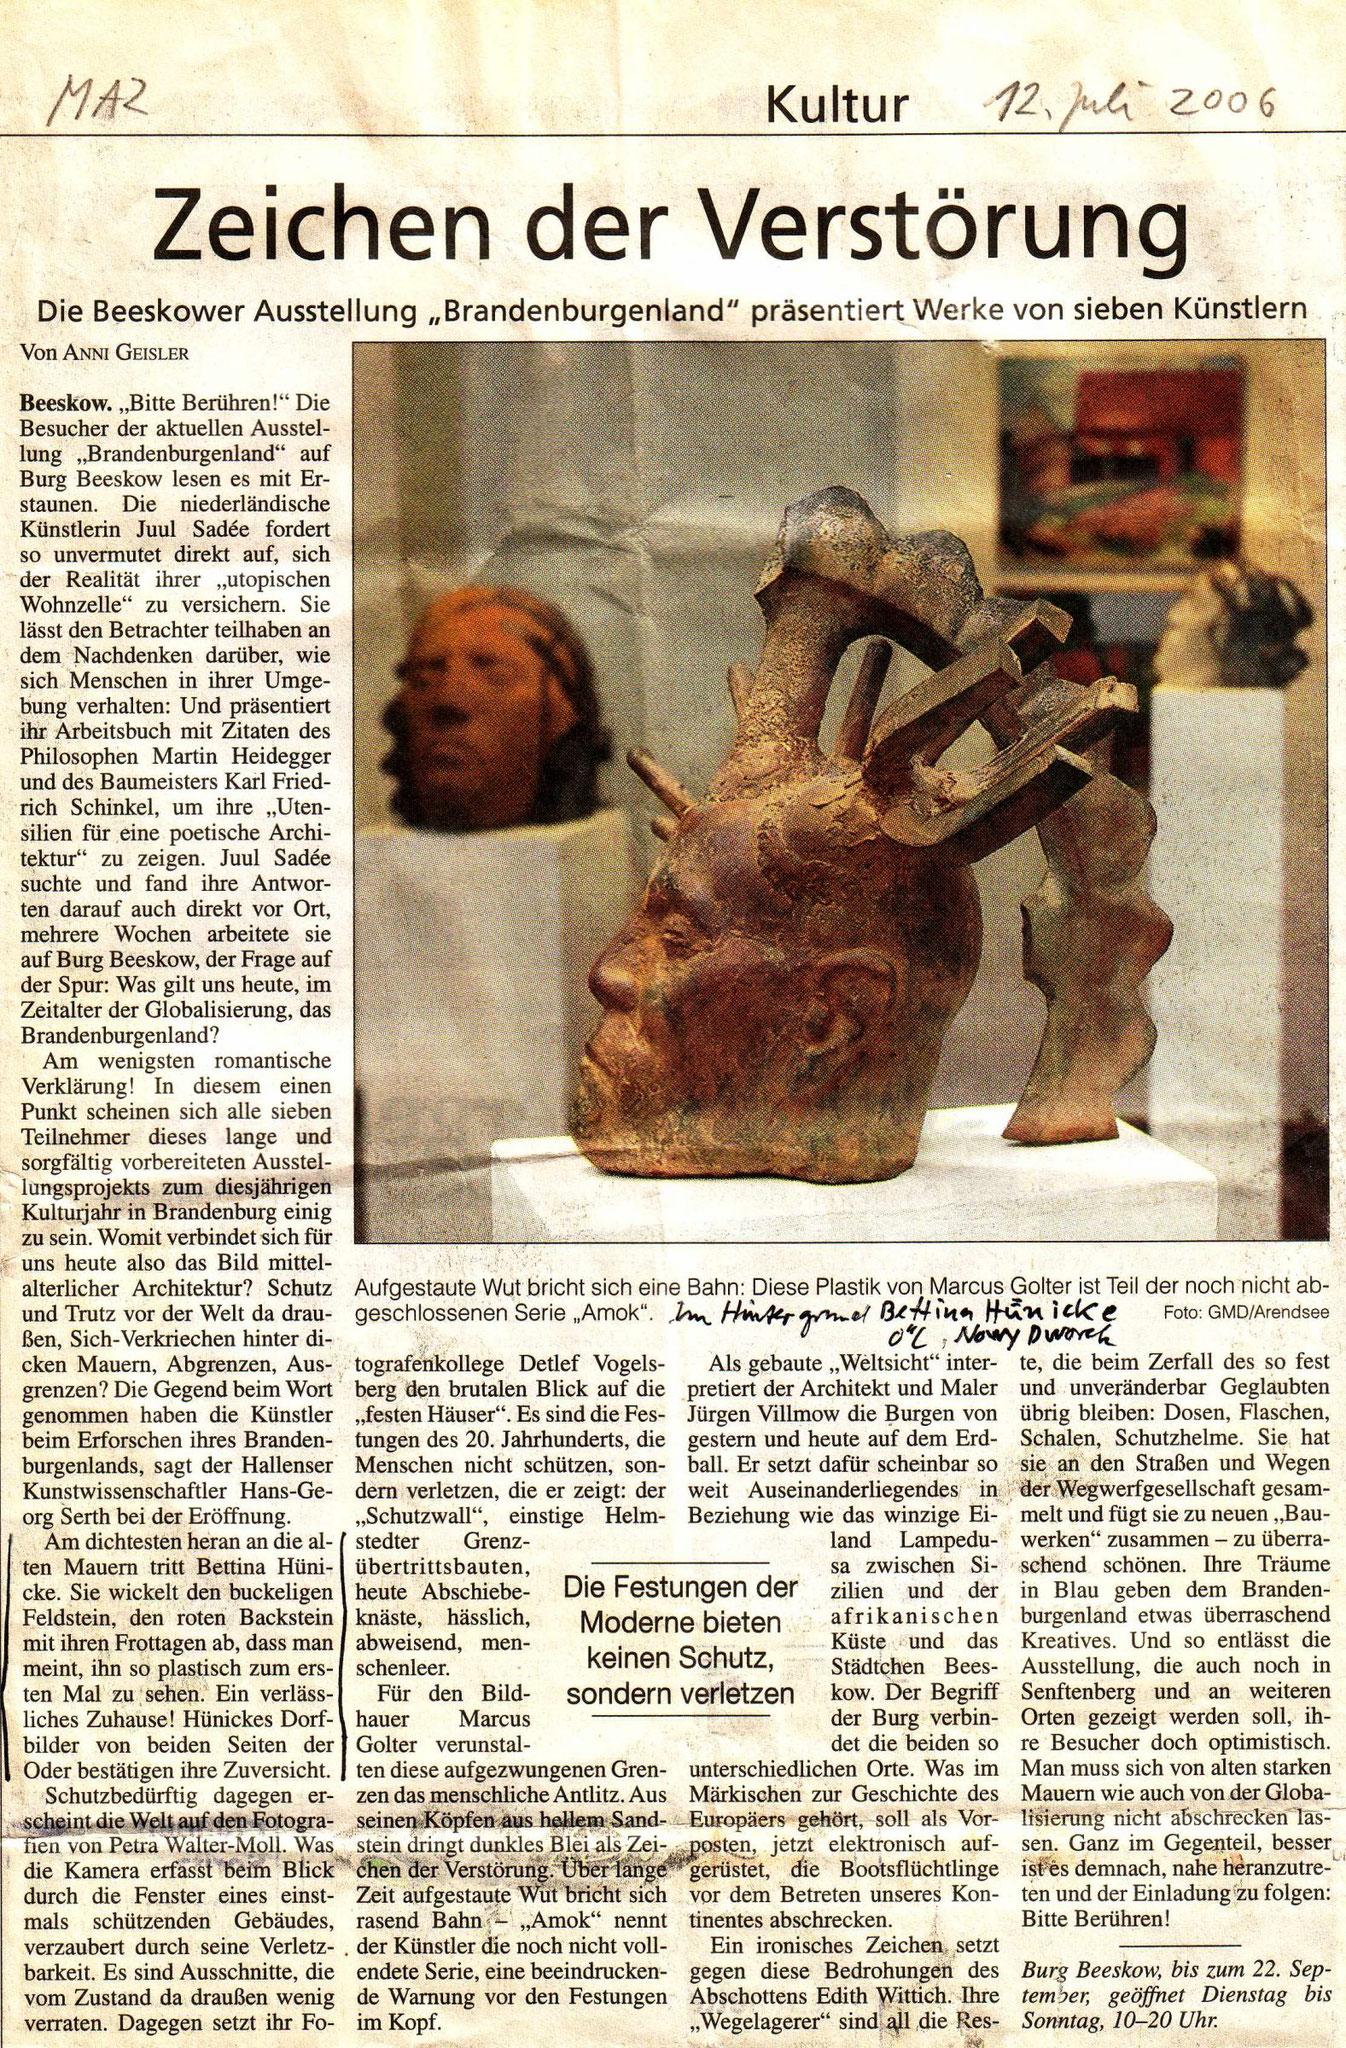 November 2007 Meditterane Farbenfülle MAZ 27.11.2007, Rezension von Bärbel Wendt